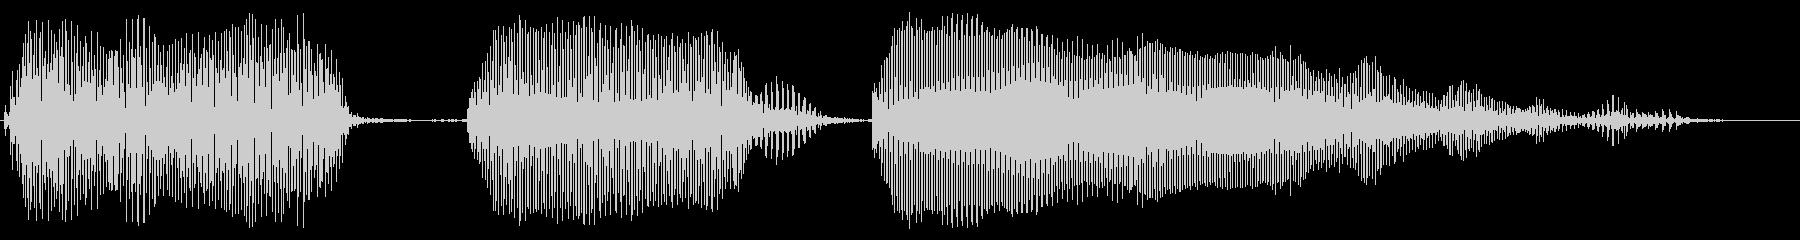 明るいトランペット上昇の未再生の波形